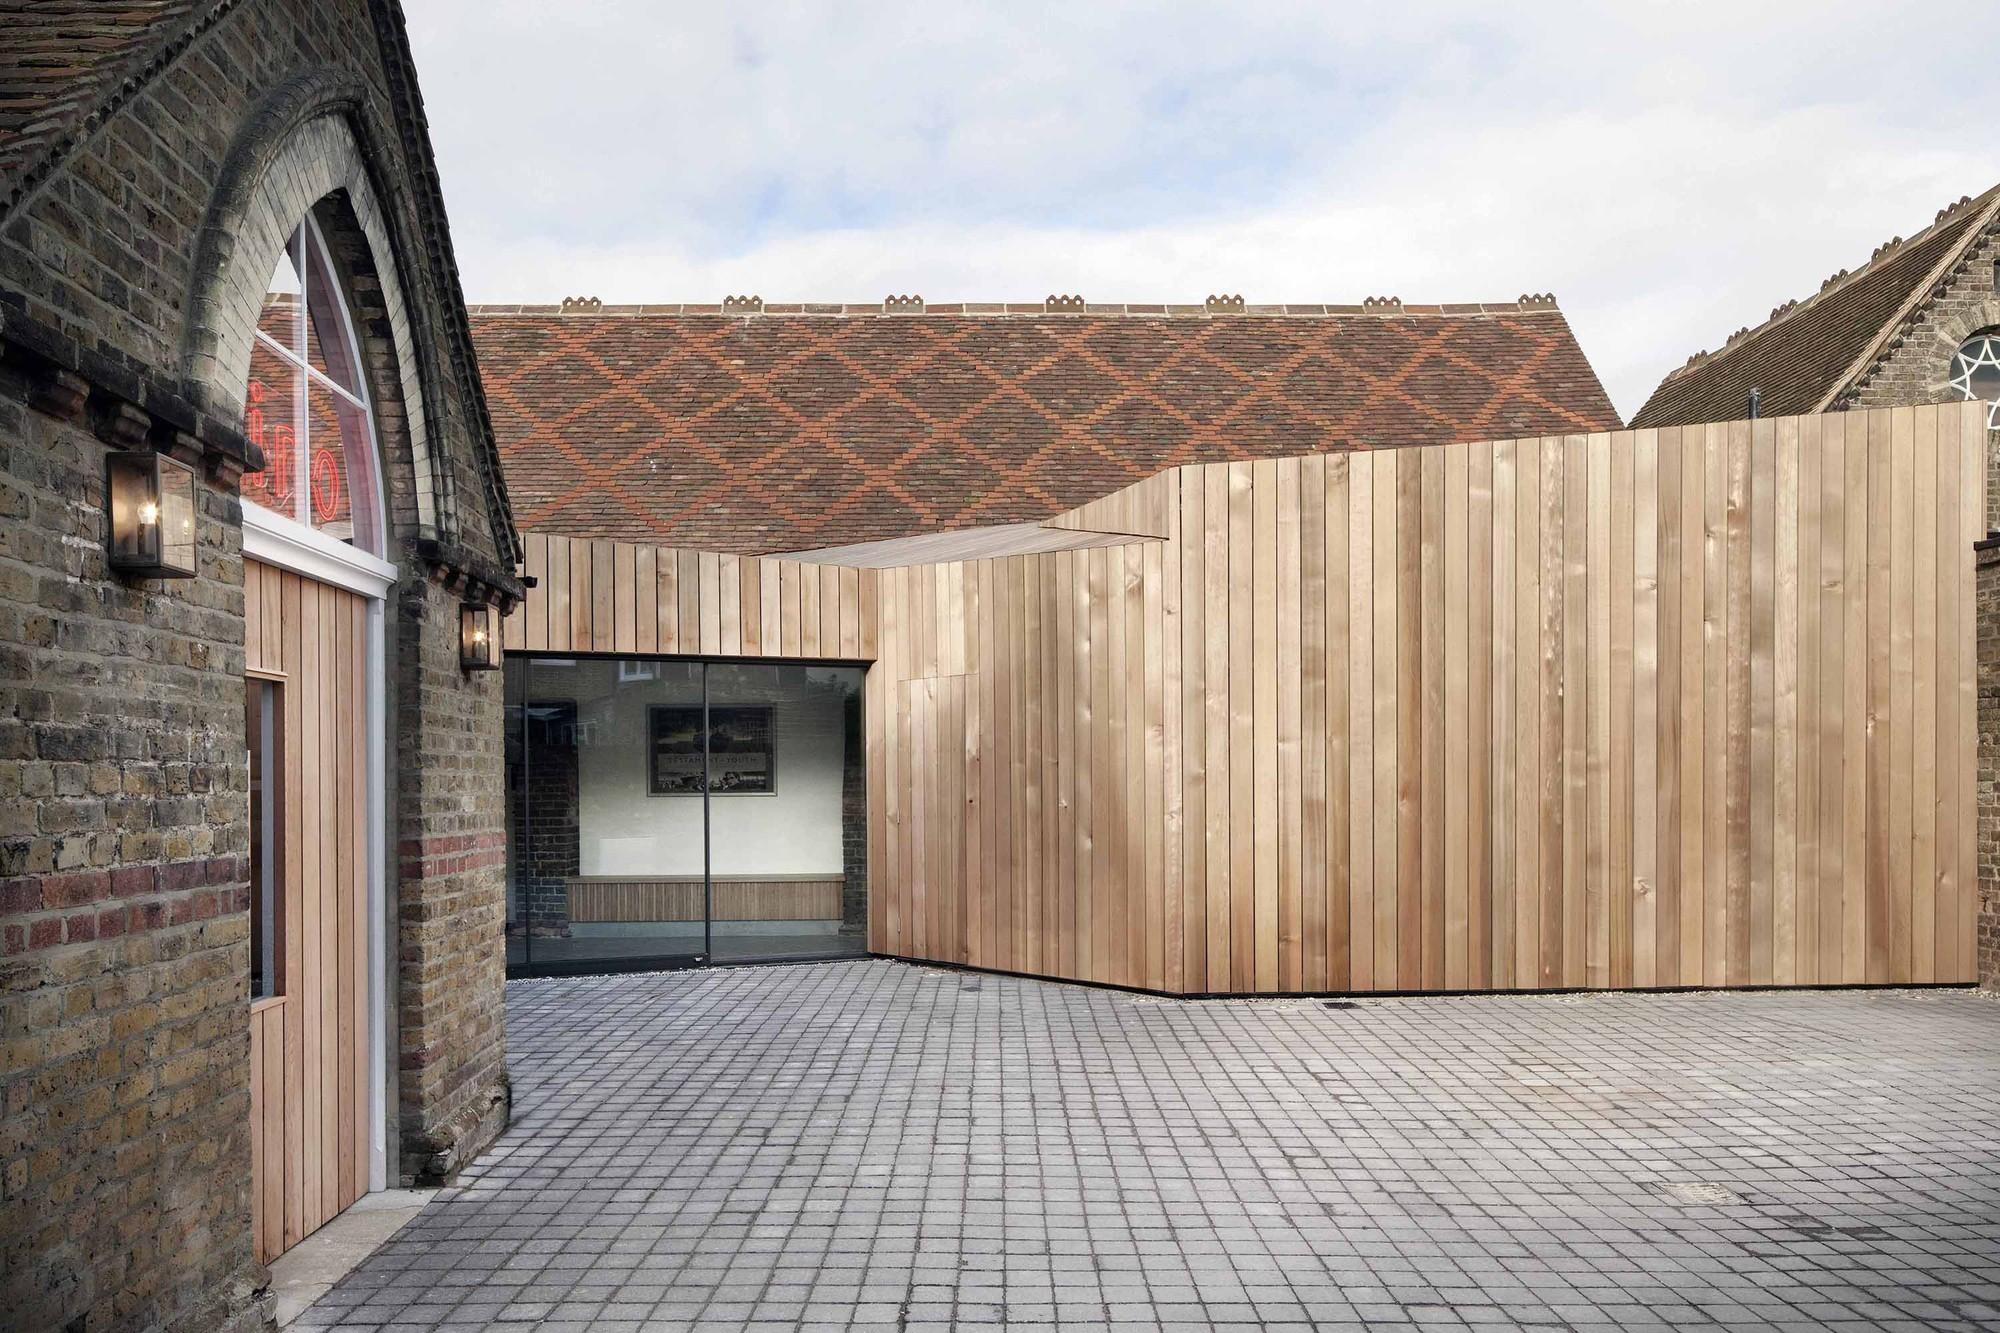 Centro Audiovisual Kino / Jonathan Dunn Architects, © Oliver Perrott